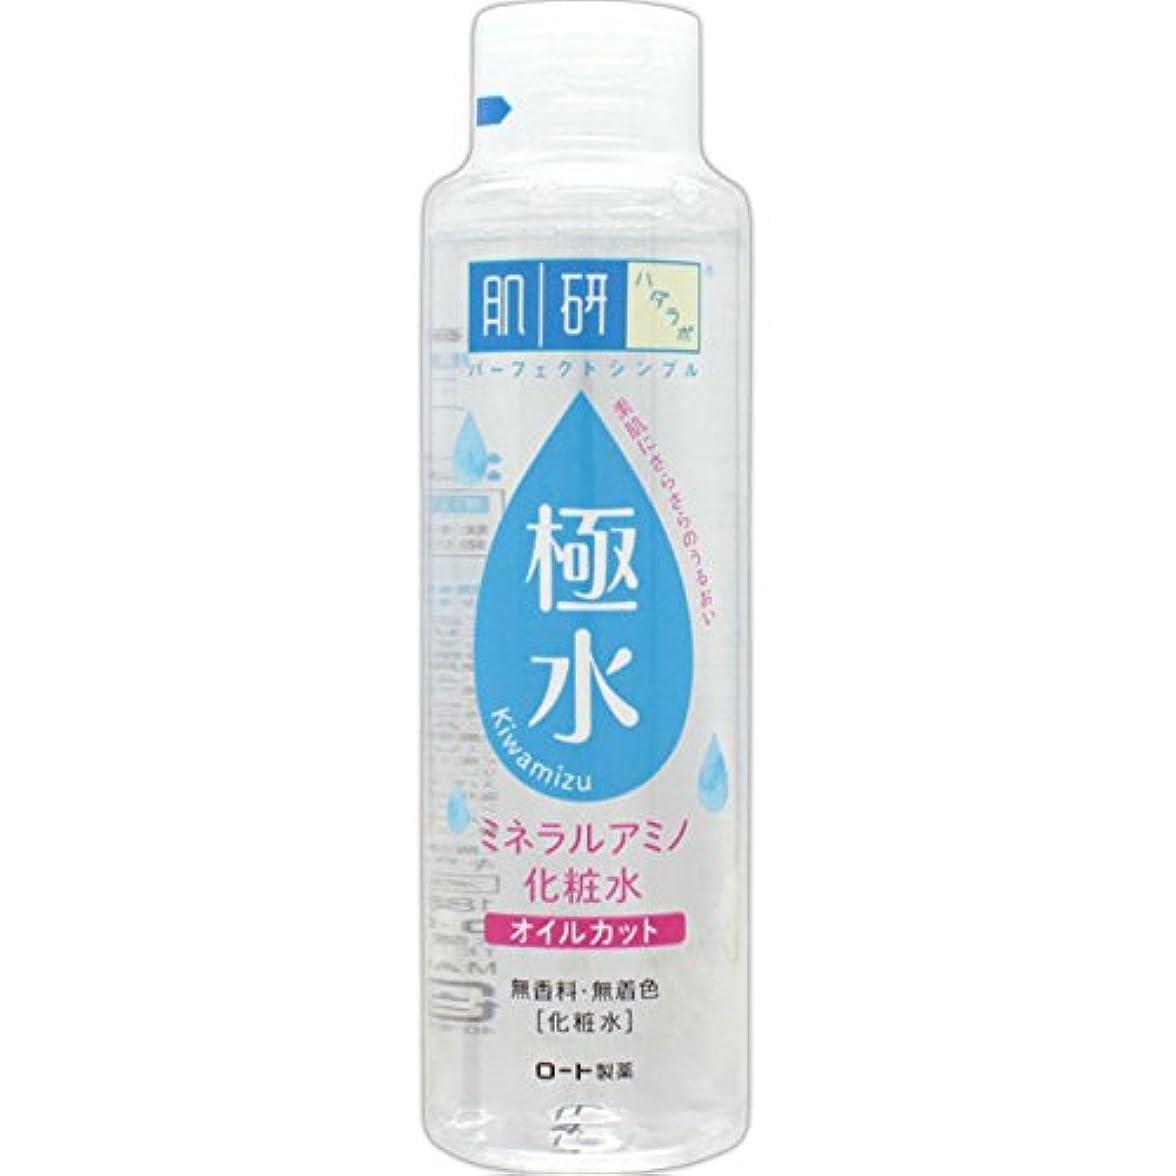 分割うなり声デイジー肌研(ハダラボ) 極水 ミネラルアミノ化粧水 180mL